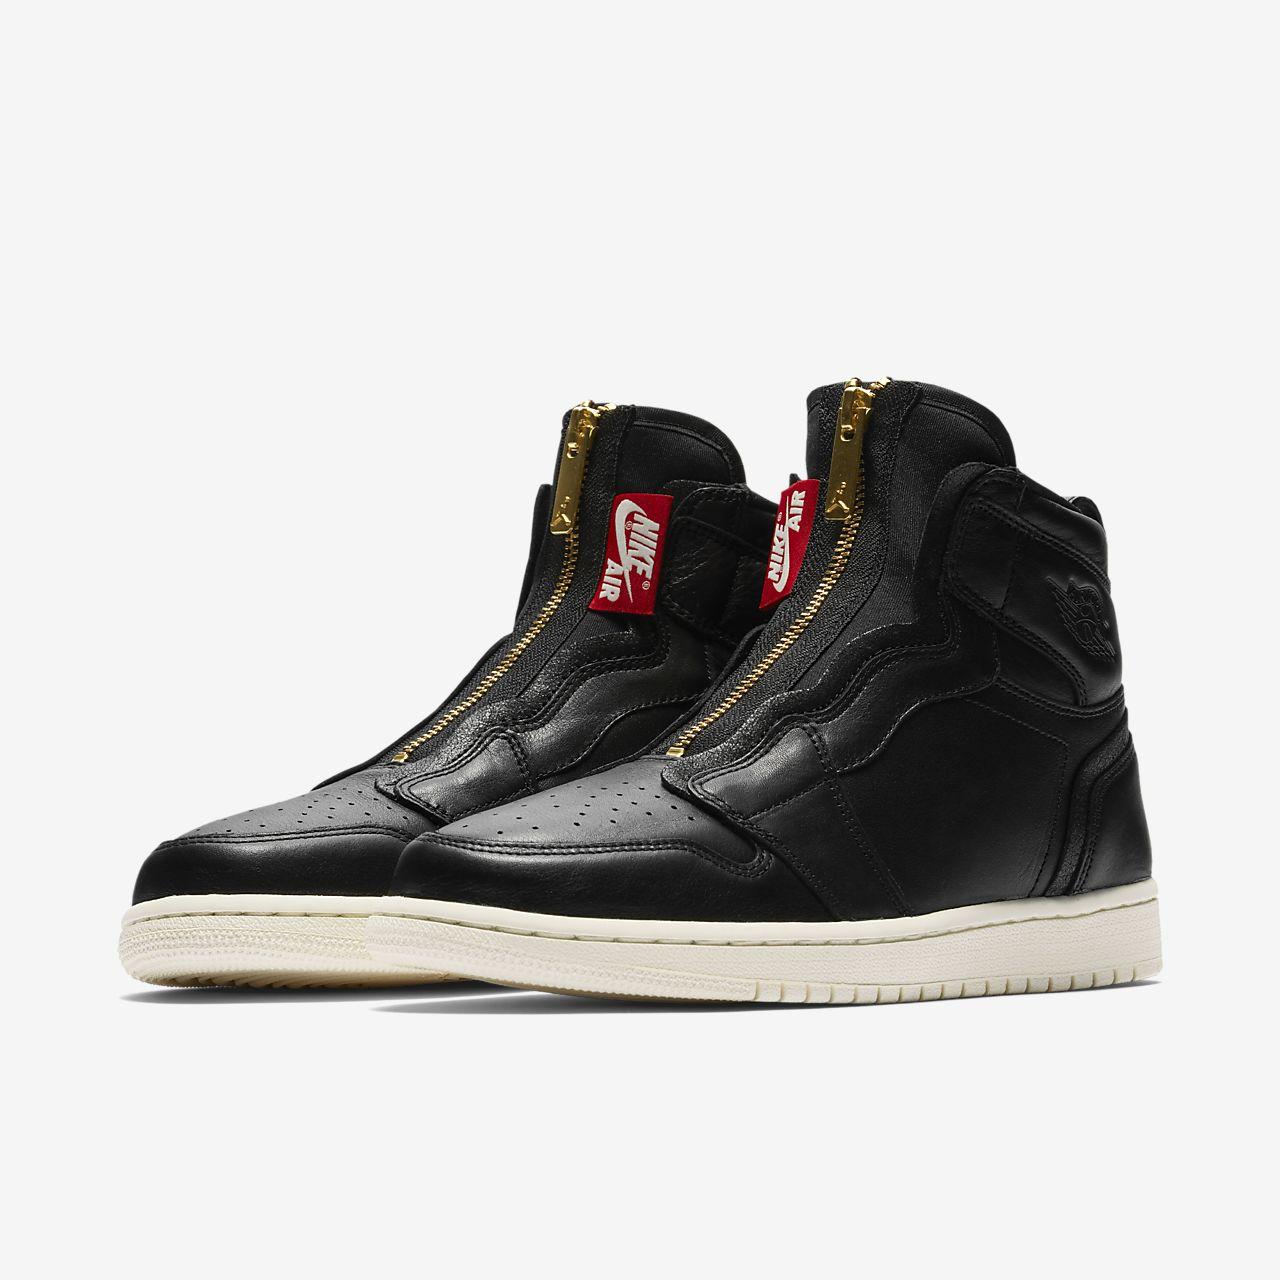 innovative design b406d 5c1e2 ... Air Jordan 1 High Zip Women s Shoe